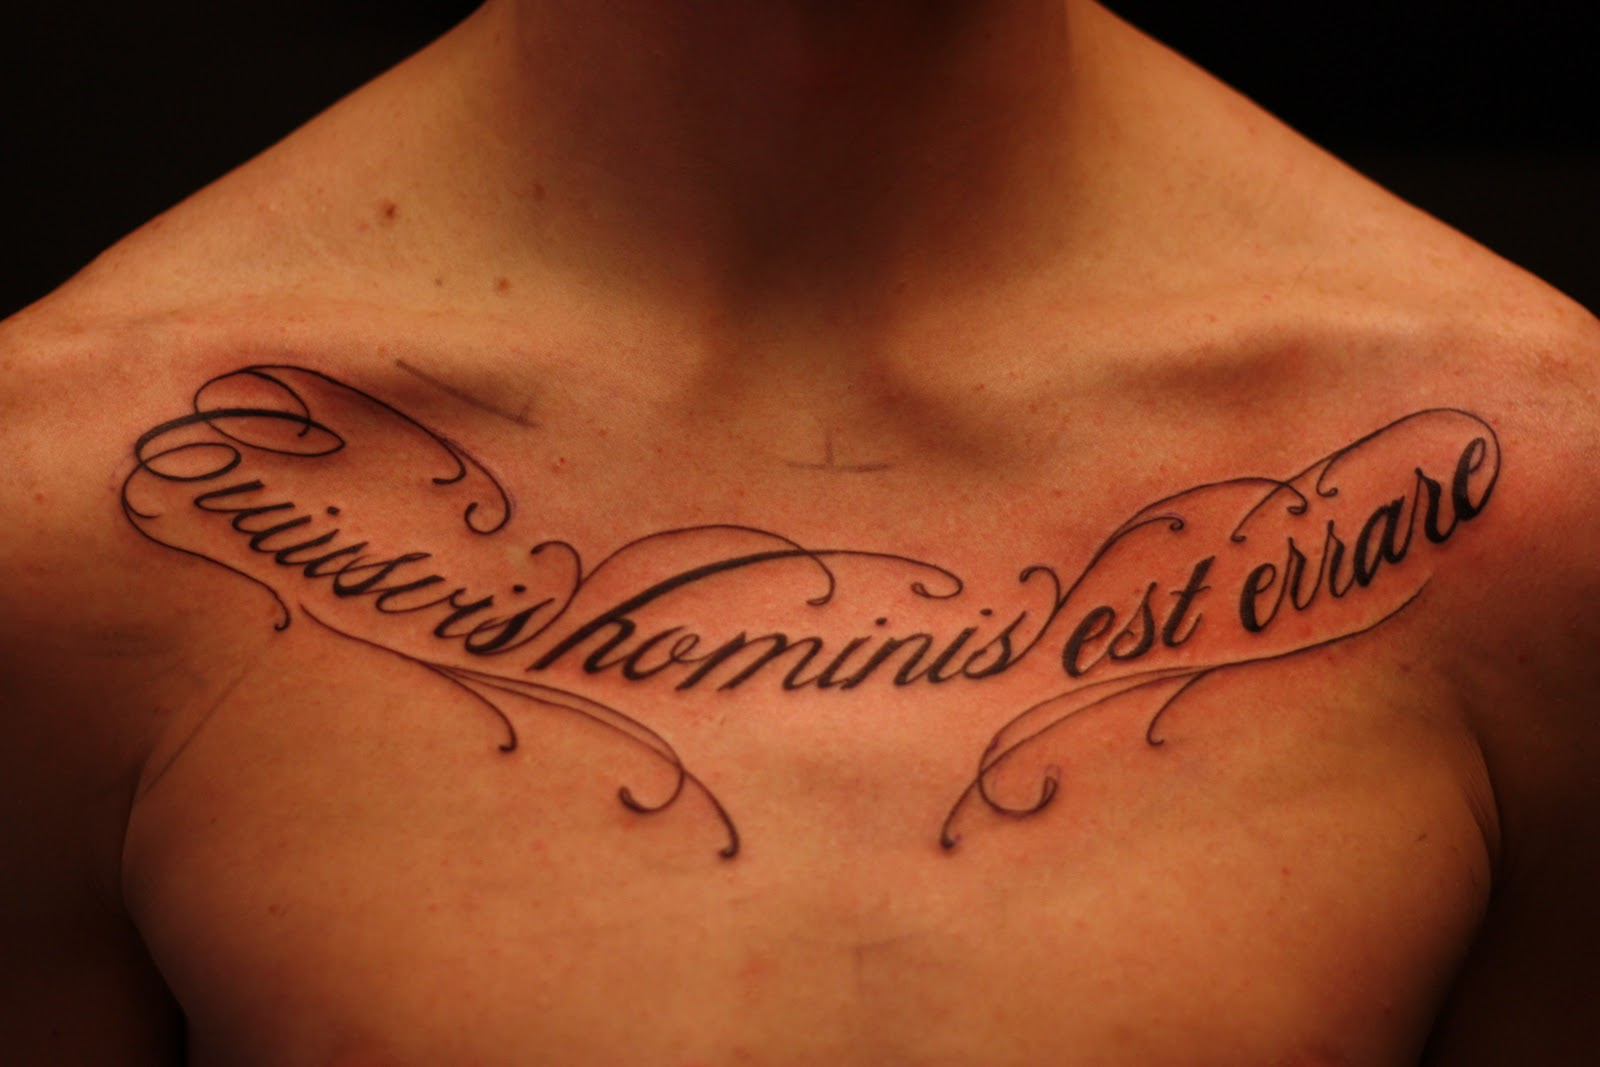 Надписи для тату на латине